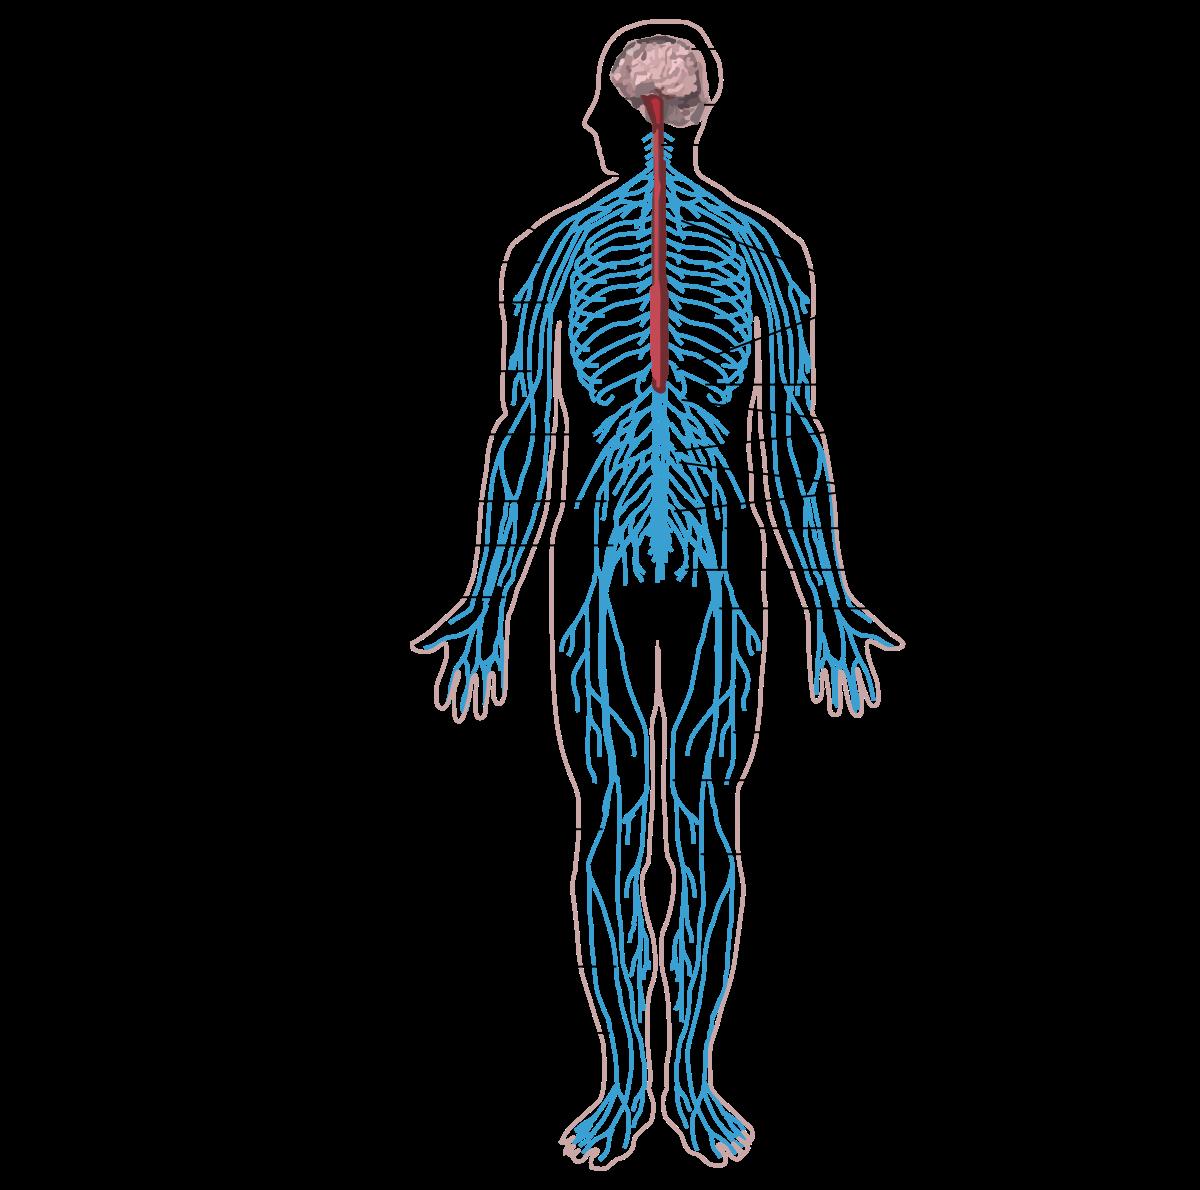 férgek eltávolítása az emberi test tablettáiból hogyan jelennek meg a férgek a szemekben